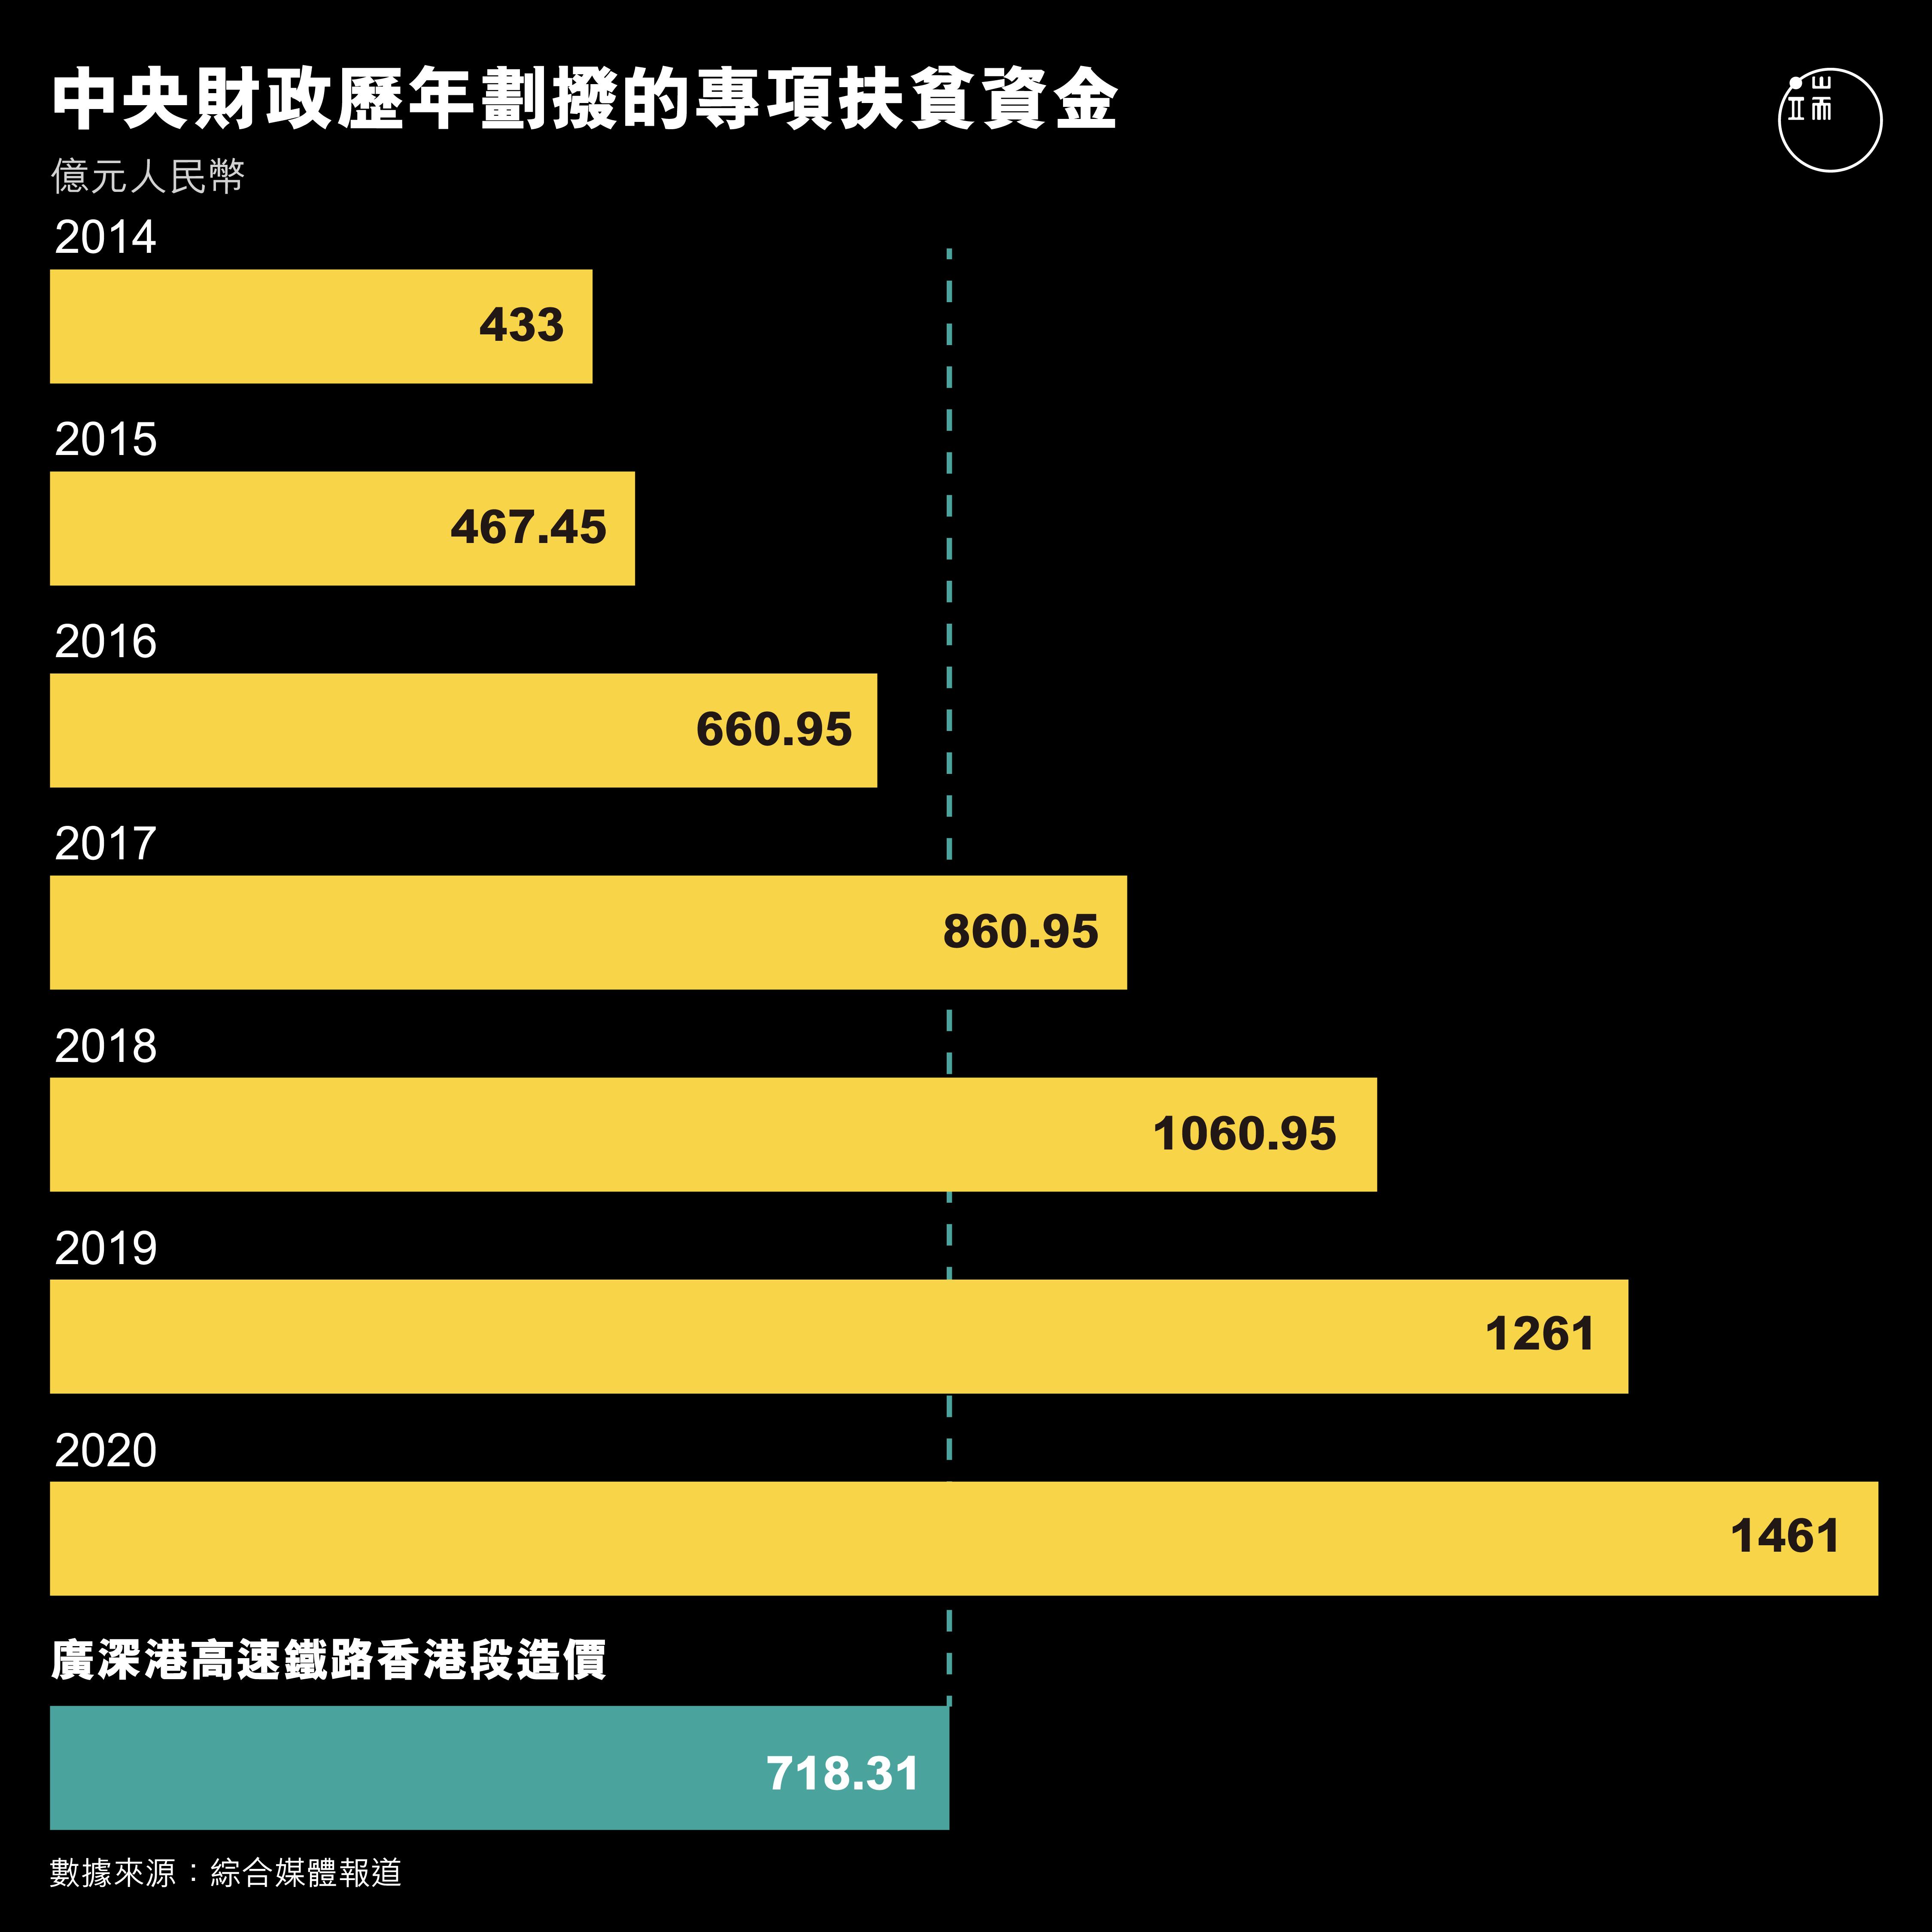 中央財政歷年劃撥的專項扶貧資金